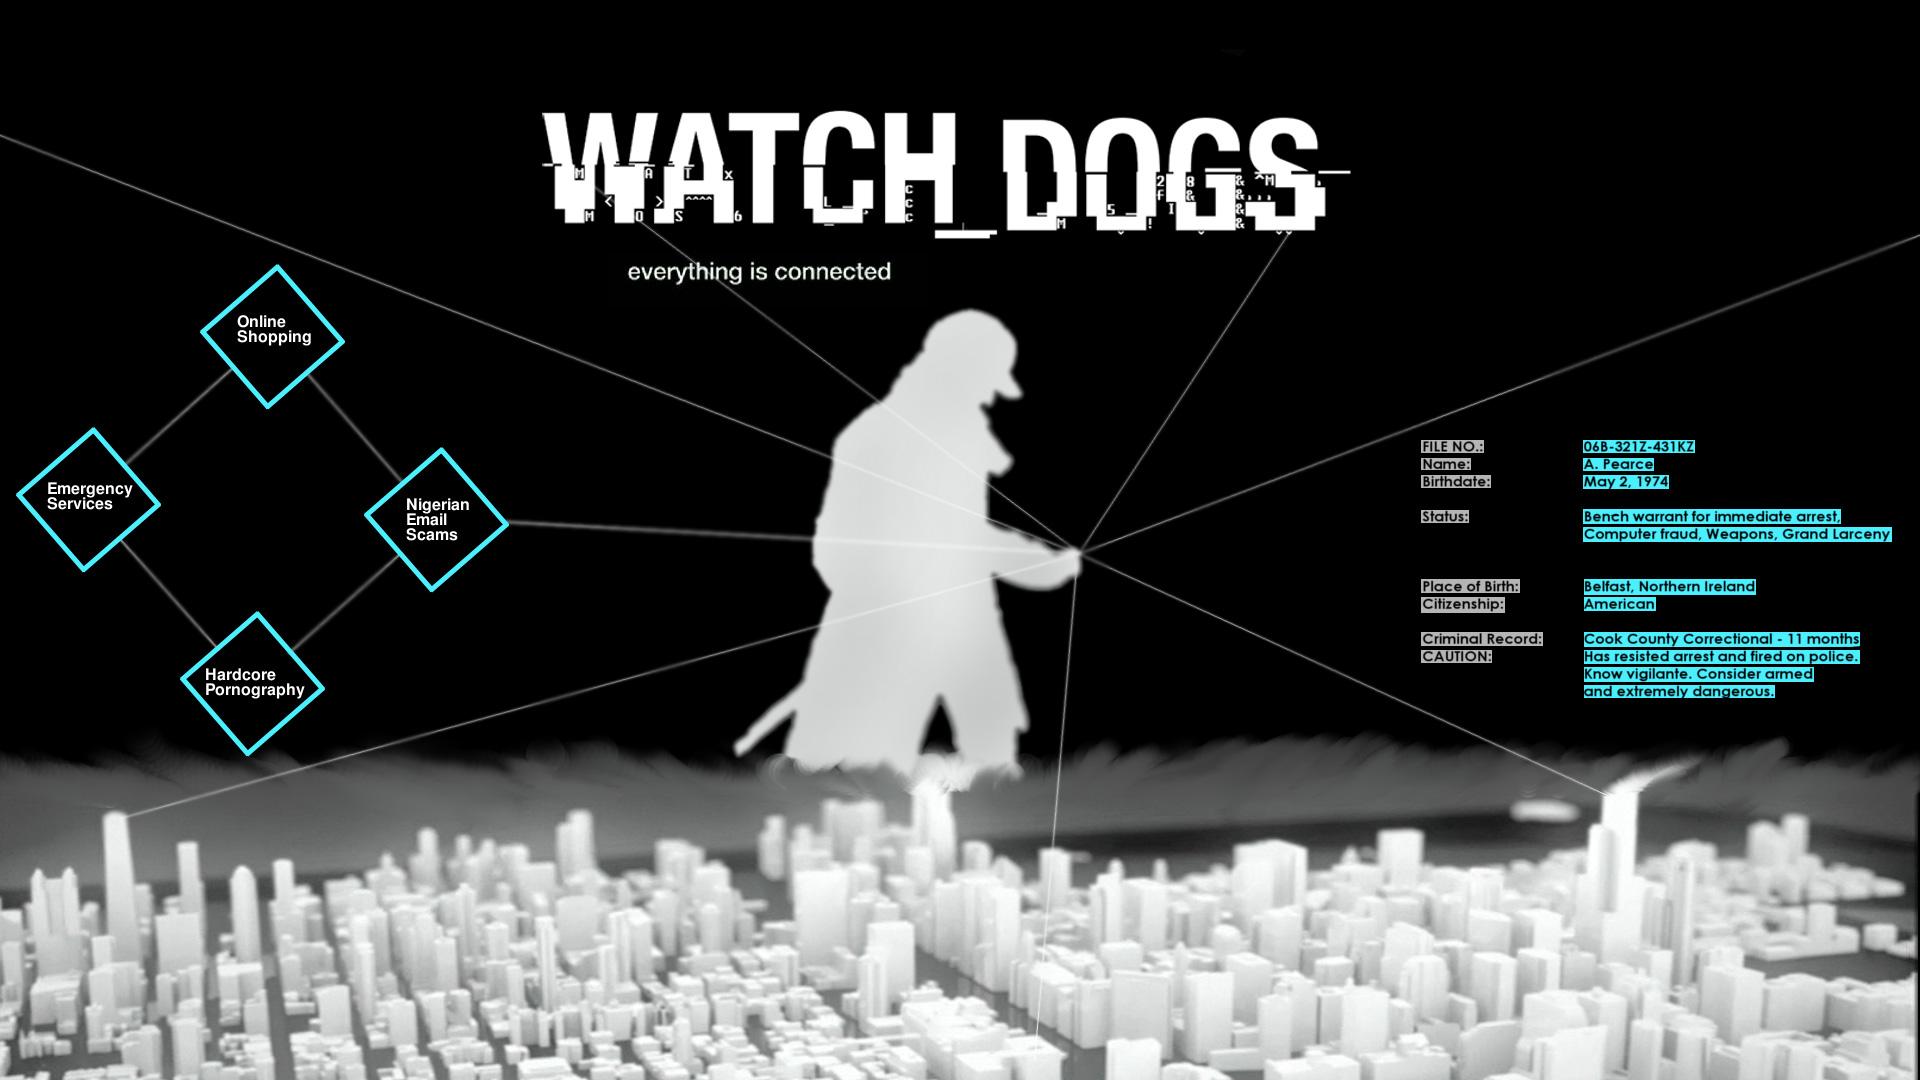 Watch Dogs wallpaper 1